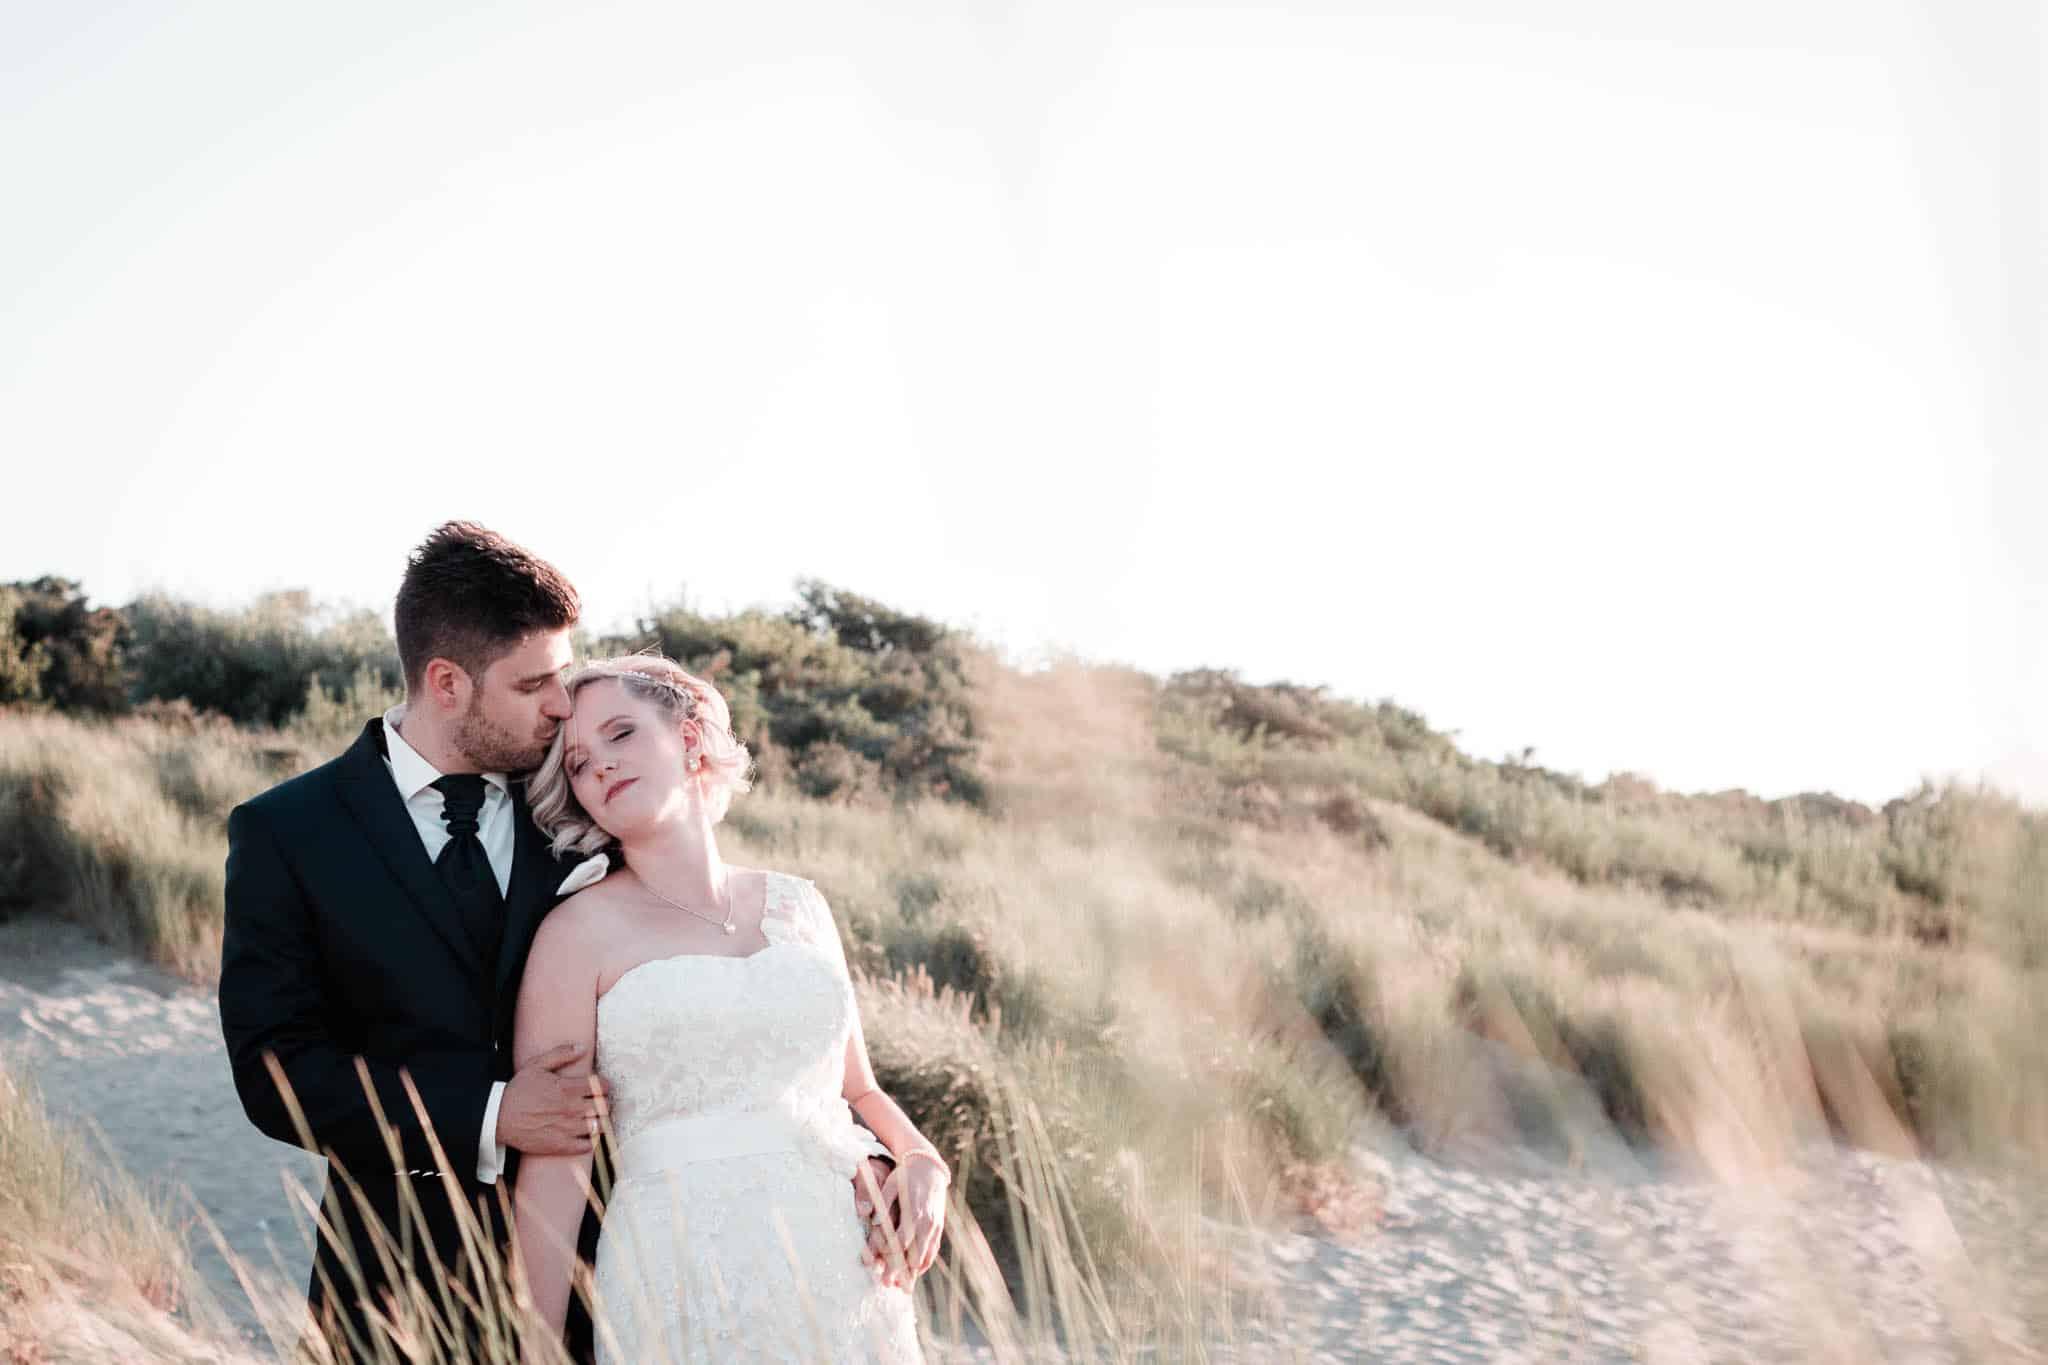 freie TrauungHochzeitsfotograf Renesse: Bei ihrer Strandhochzeit in Holland hatten Lisa und Michael perfektes Wetter